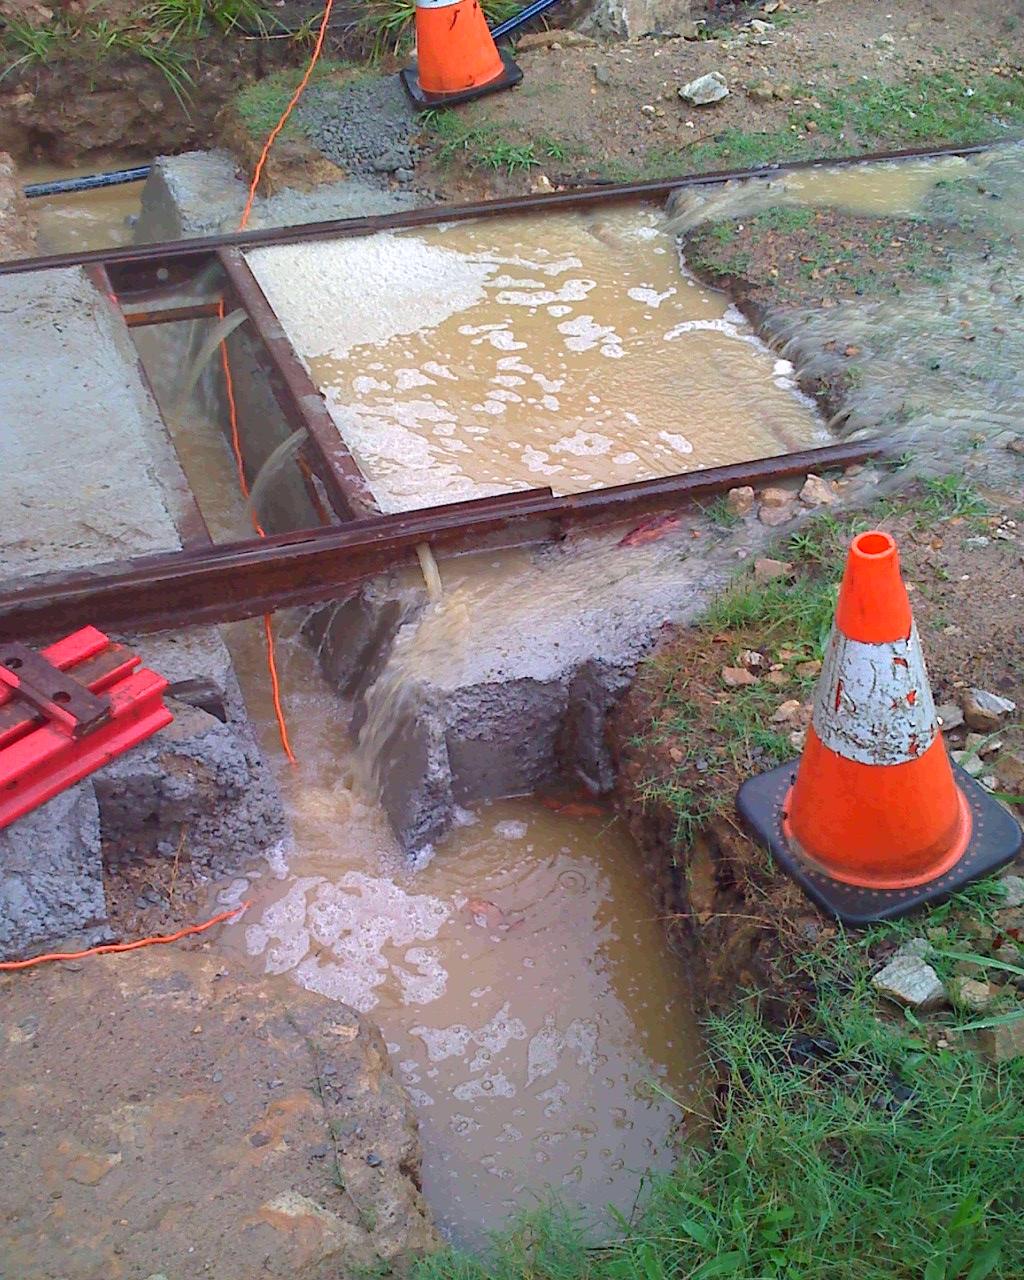 Цементный раствор дождь купить бетон в петрозаводске с доставкой цена за куб